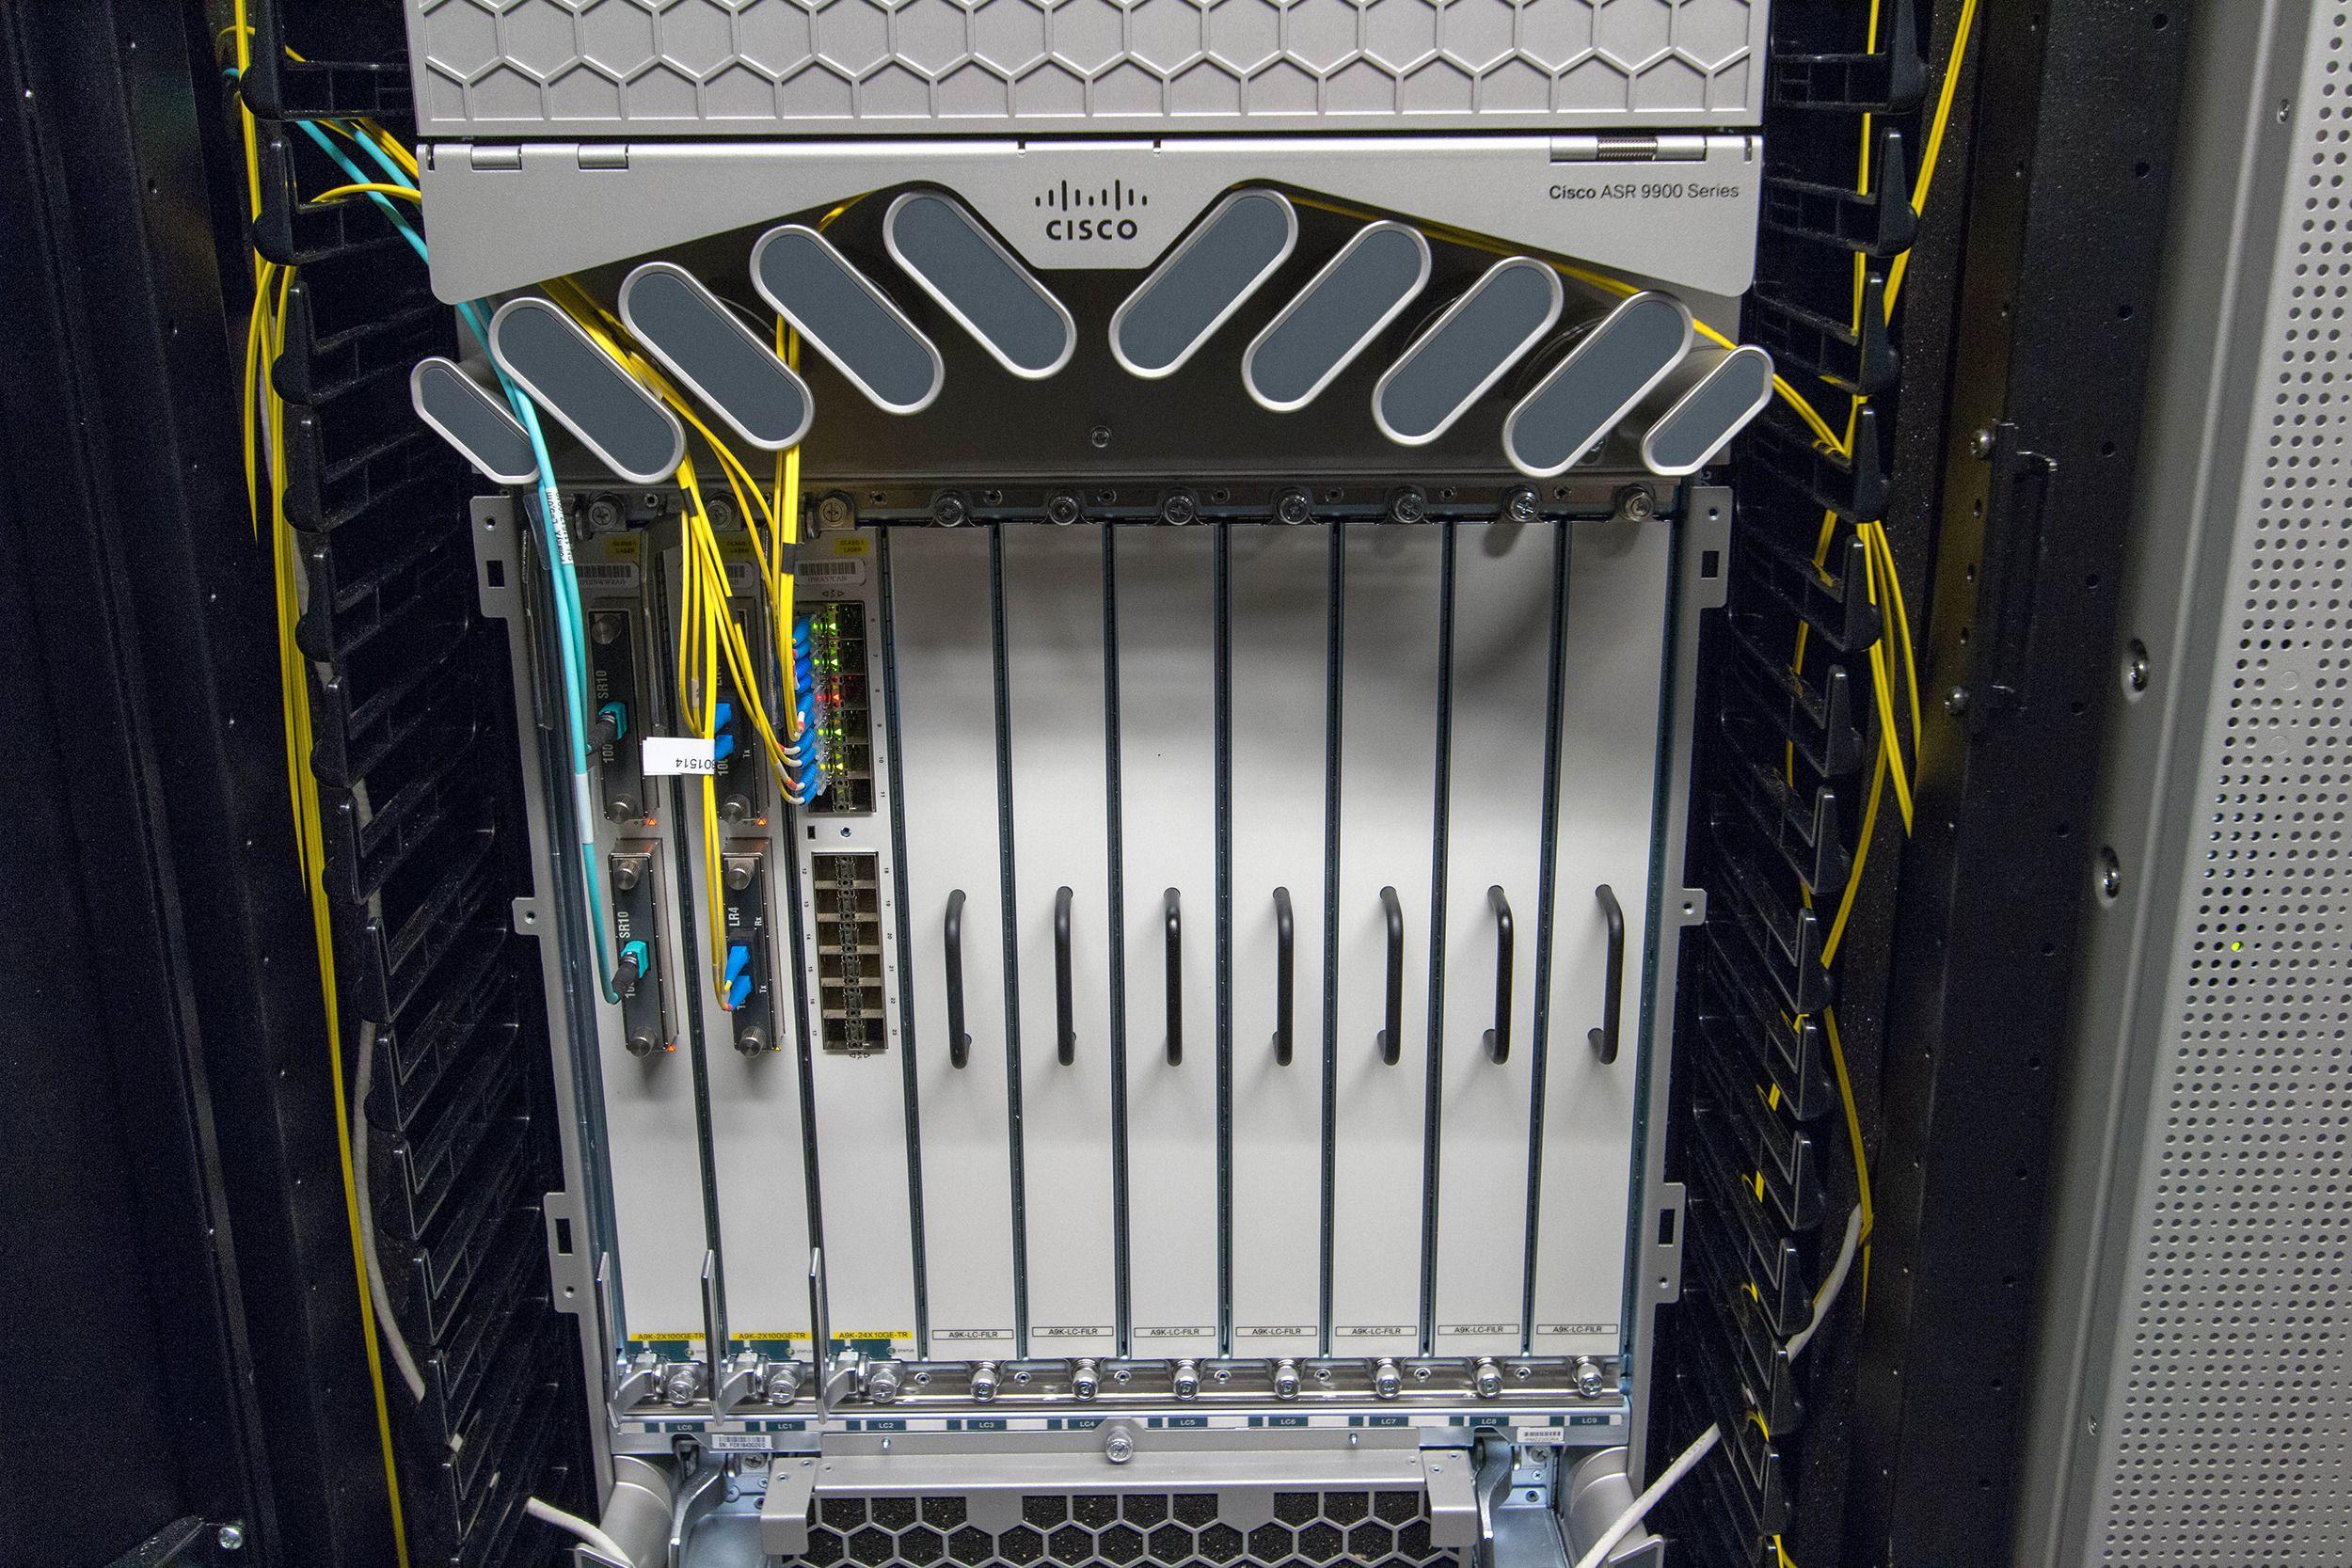 Cisco ASR 9000. Her er det plass til å sette inn mange flere linjekort, om behovet skulle melde seg. Foto: Vegar Jansen, Tek.no